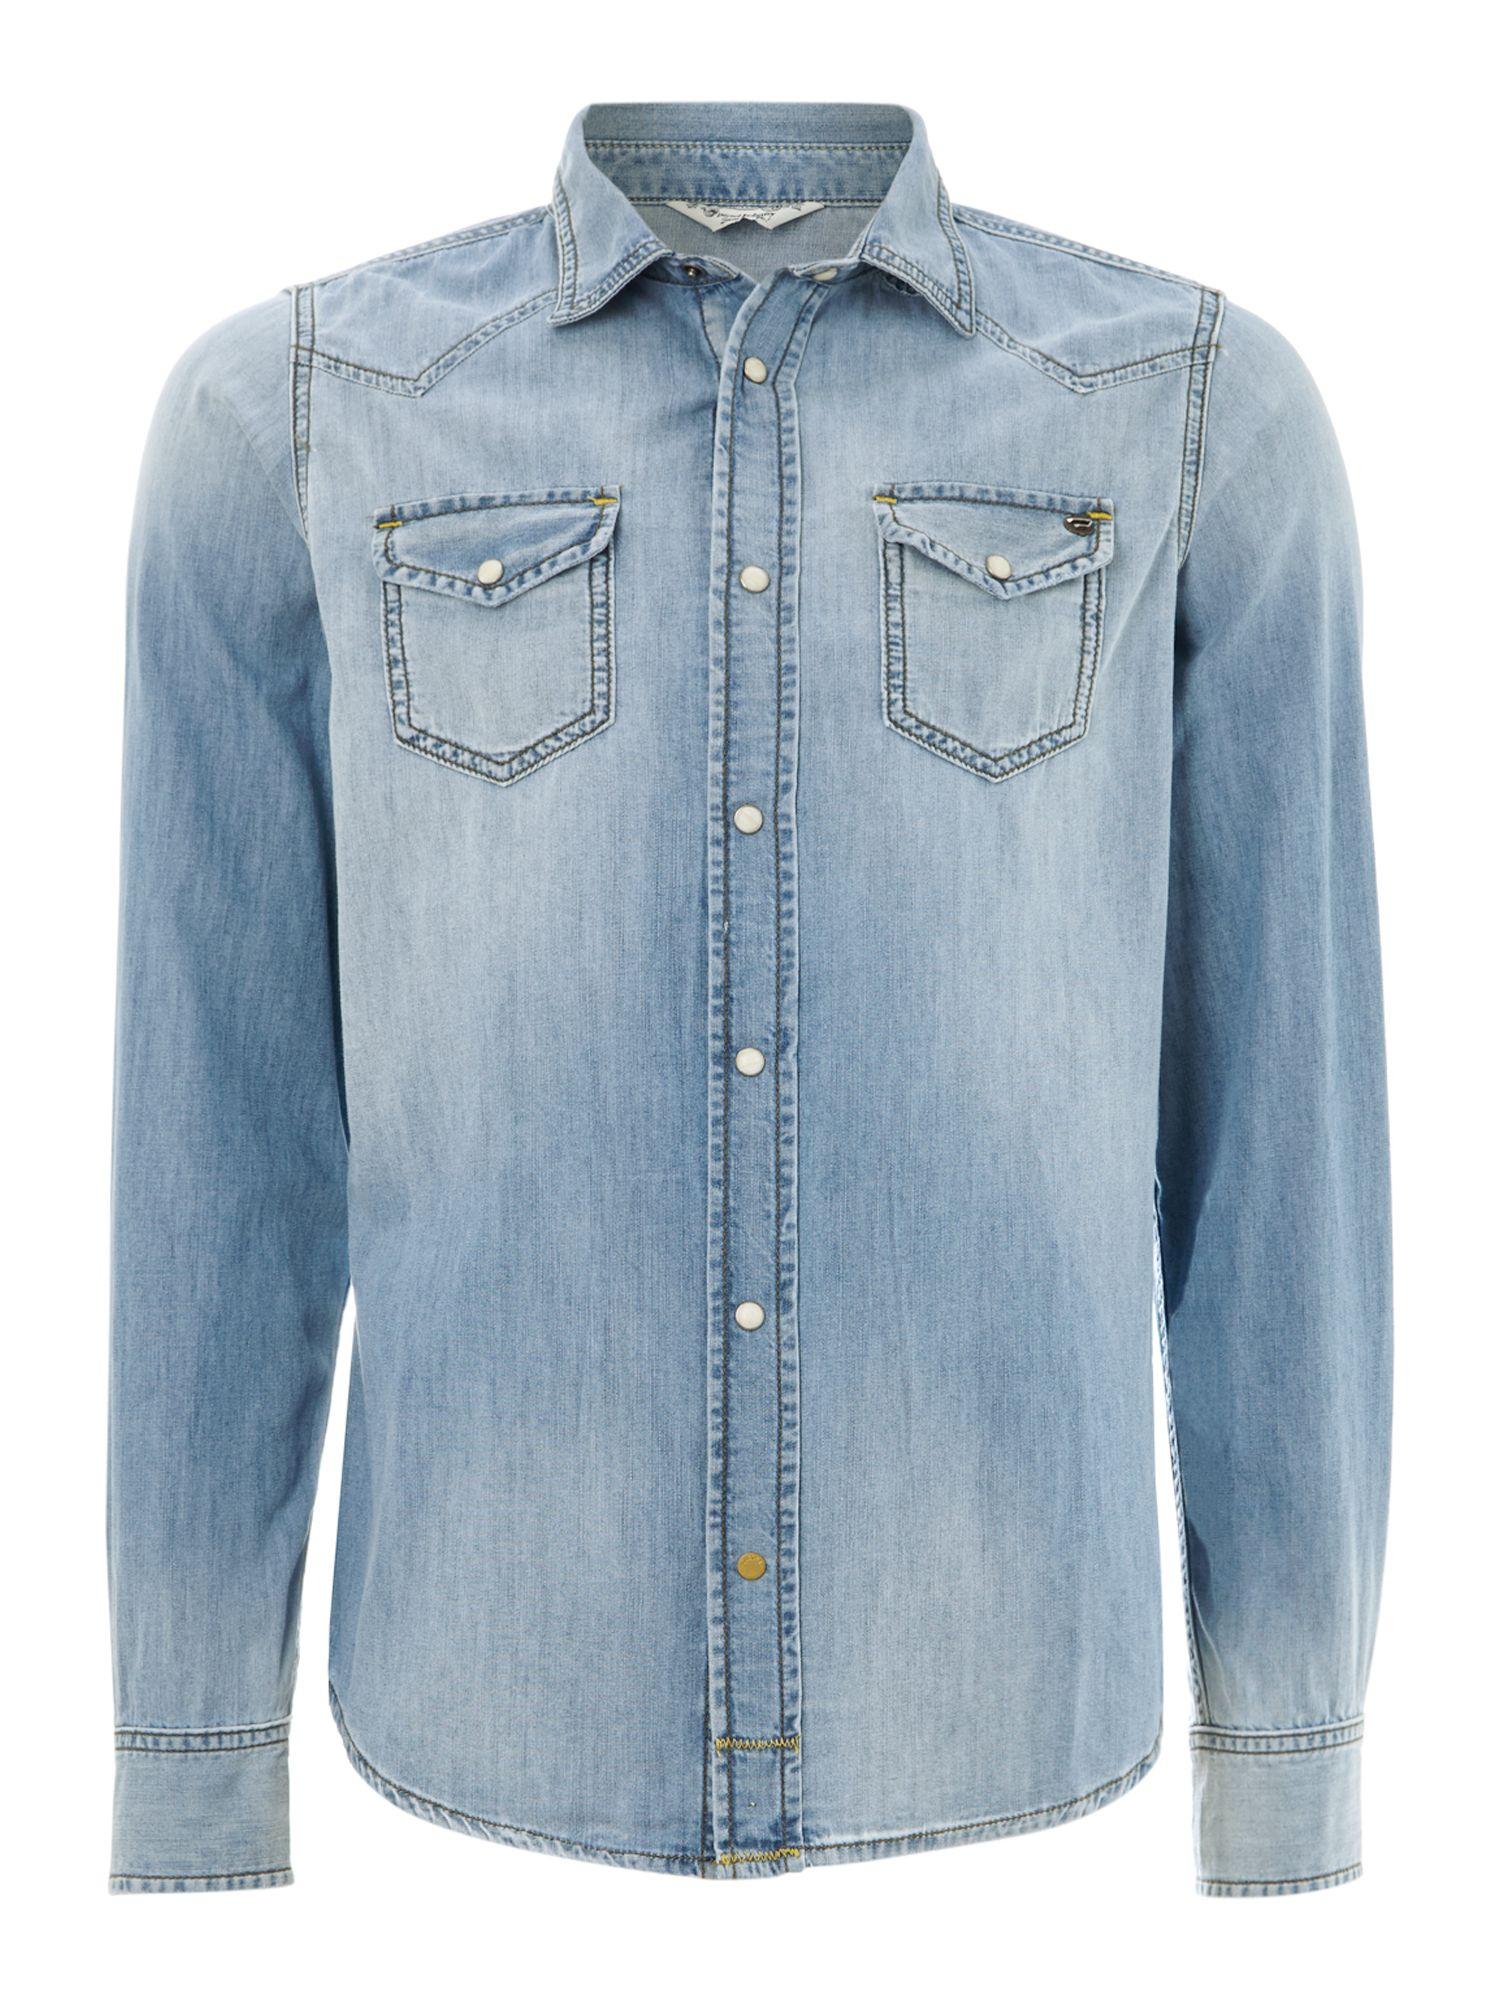 Diesel Long Sleeve Light Wash Denim Shirt In Blue For Men